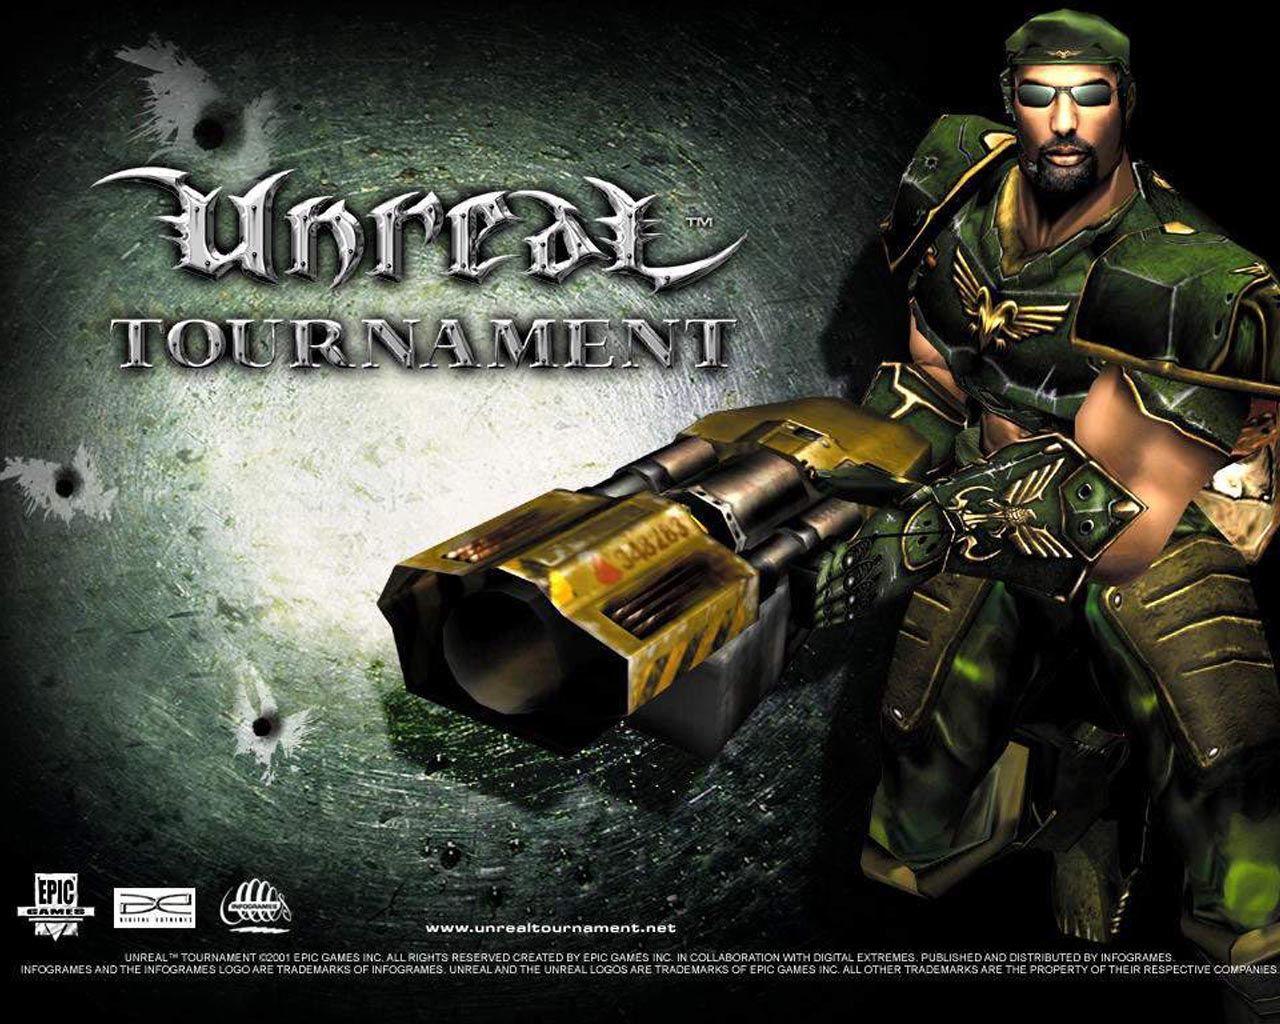 Se anuncia Unreal Tournament, un reinicio gratuito de la saga